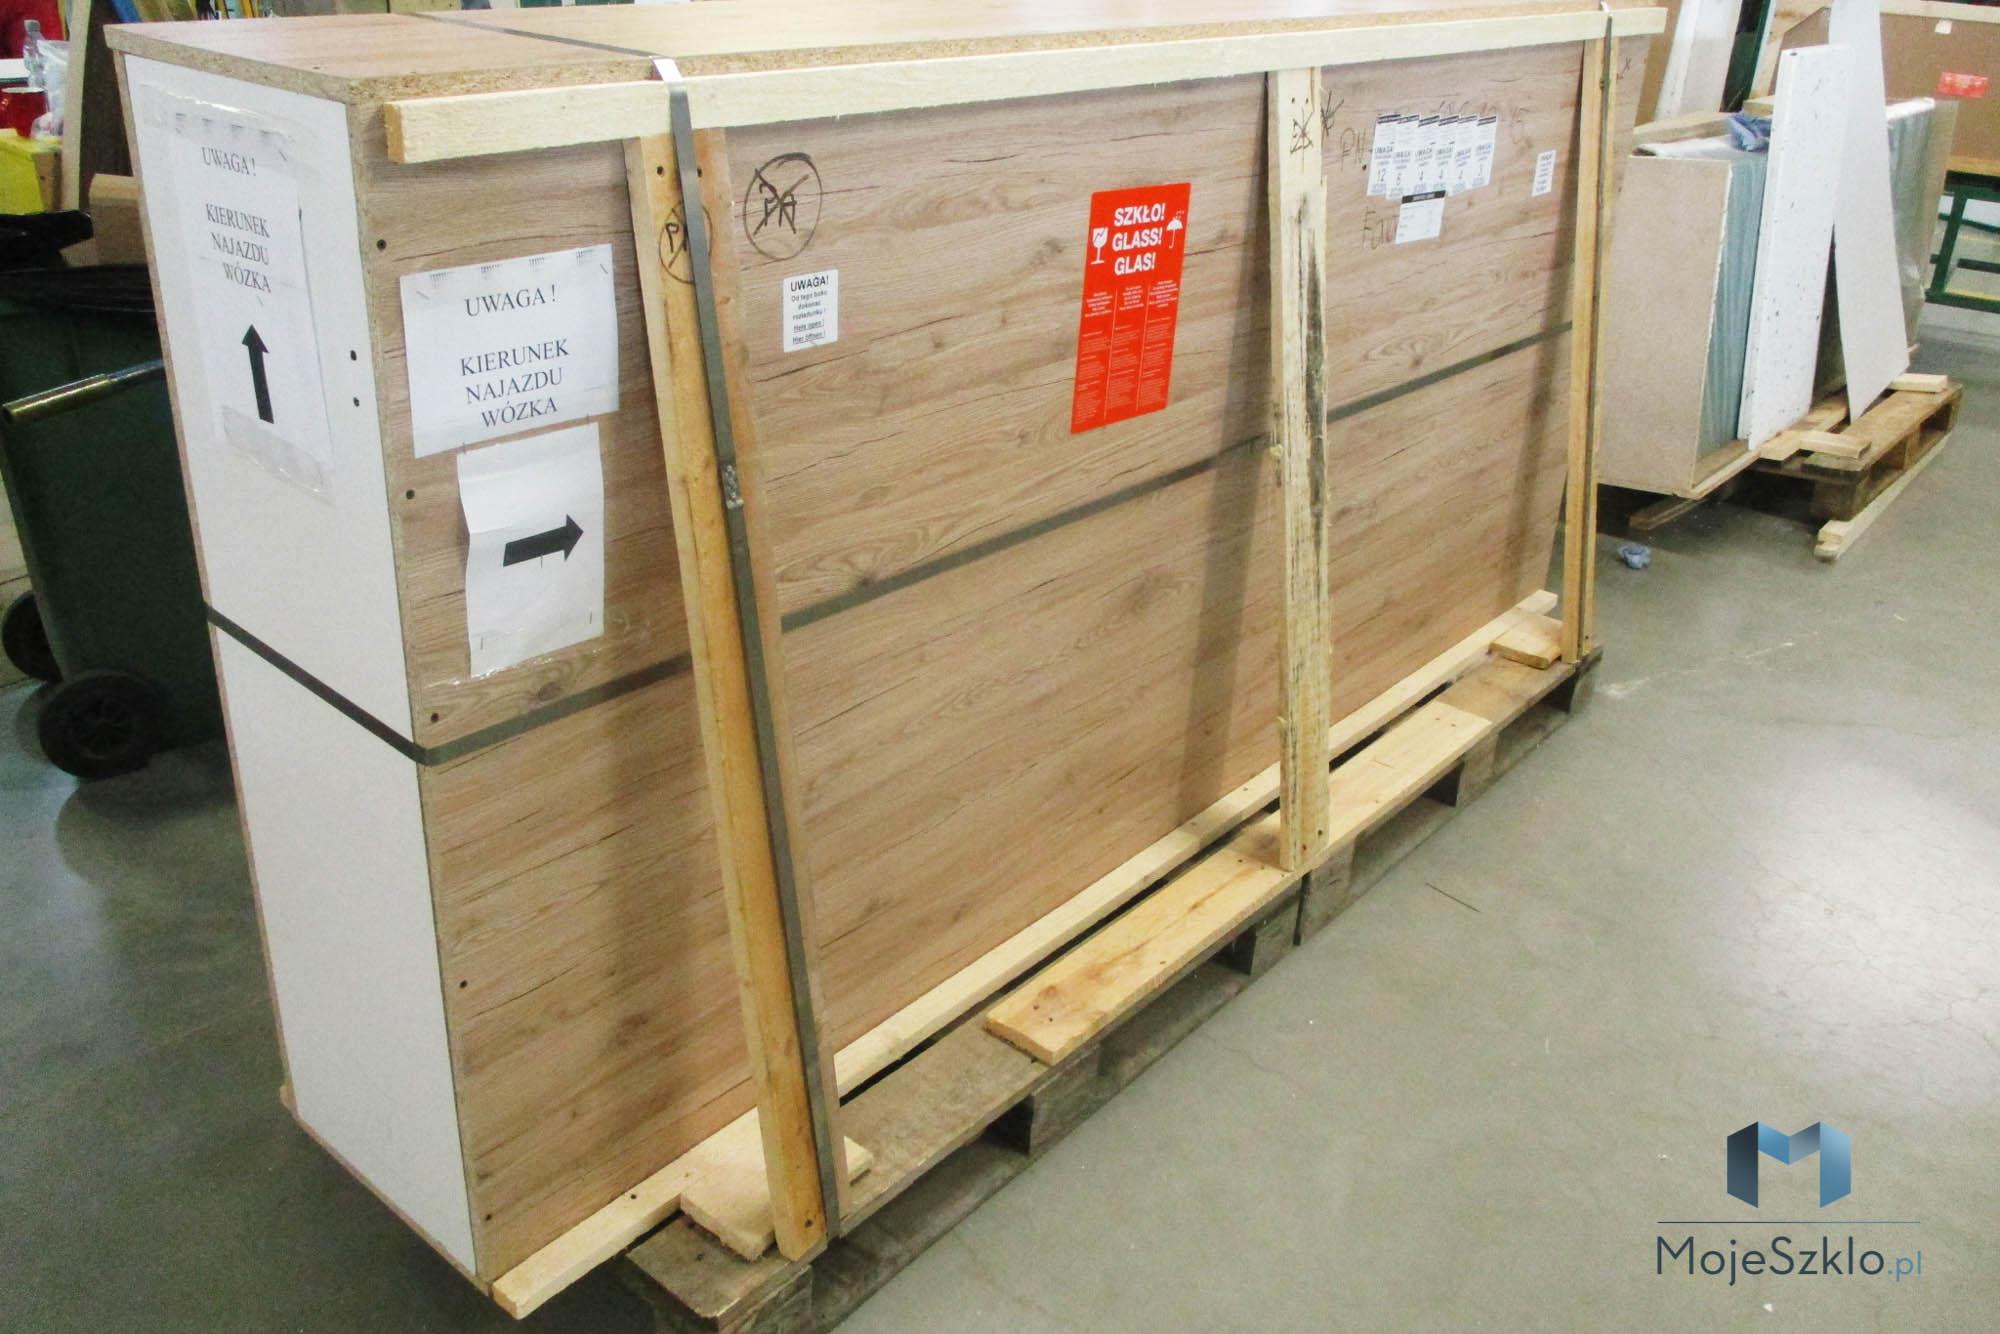 Pakowanie Kabiny Do Wysylki